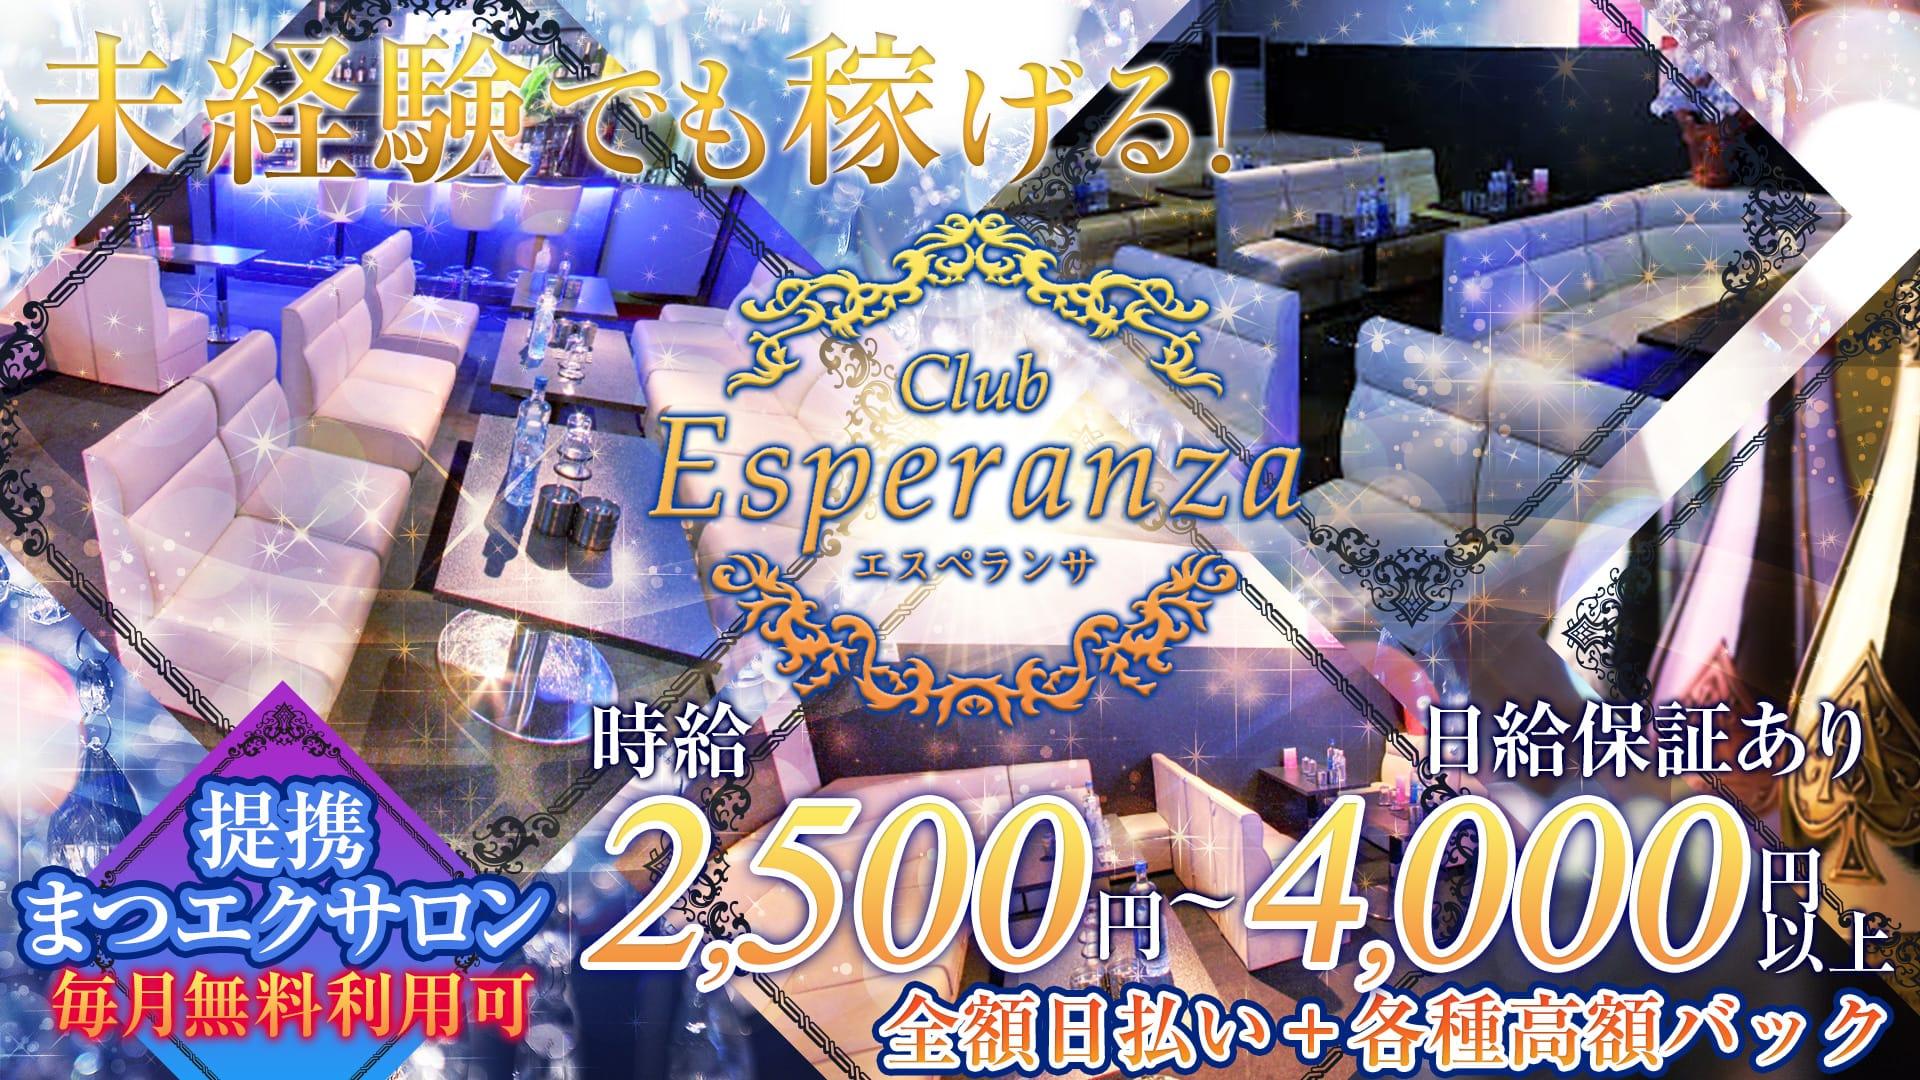 Club Esperanza(クラブ エスペランサ) 飯田キャバクラ TOP画像